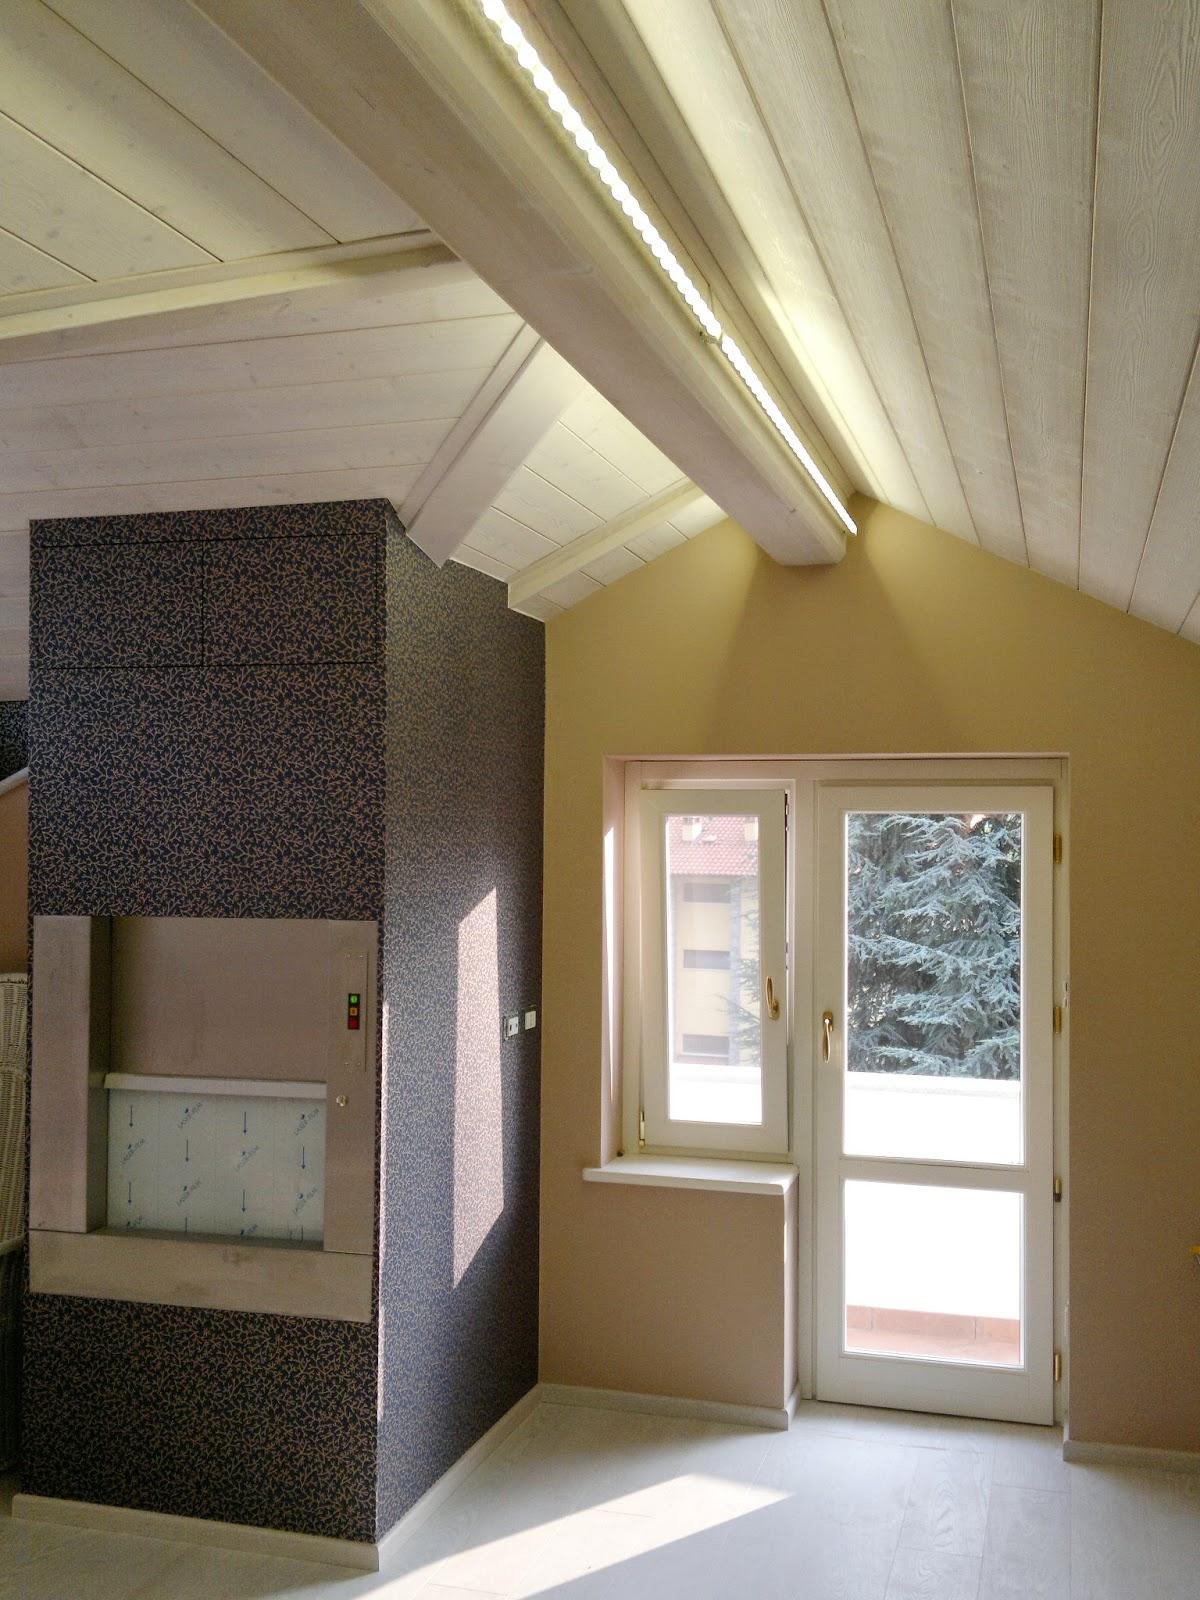 Illuminazione led casa almese ristrutturando una - Esempi di illuminazione a led per interni ...